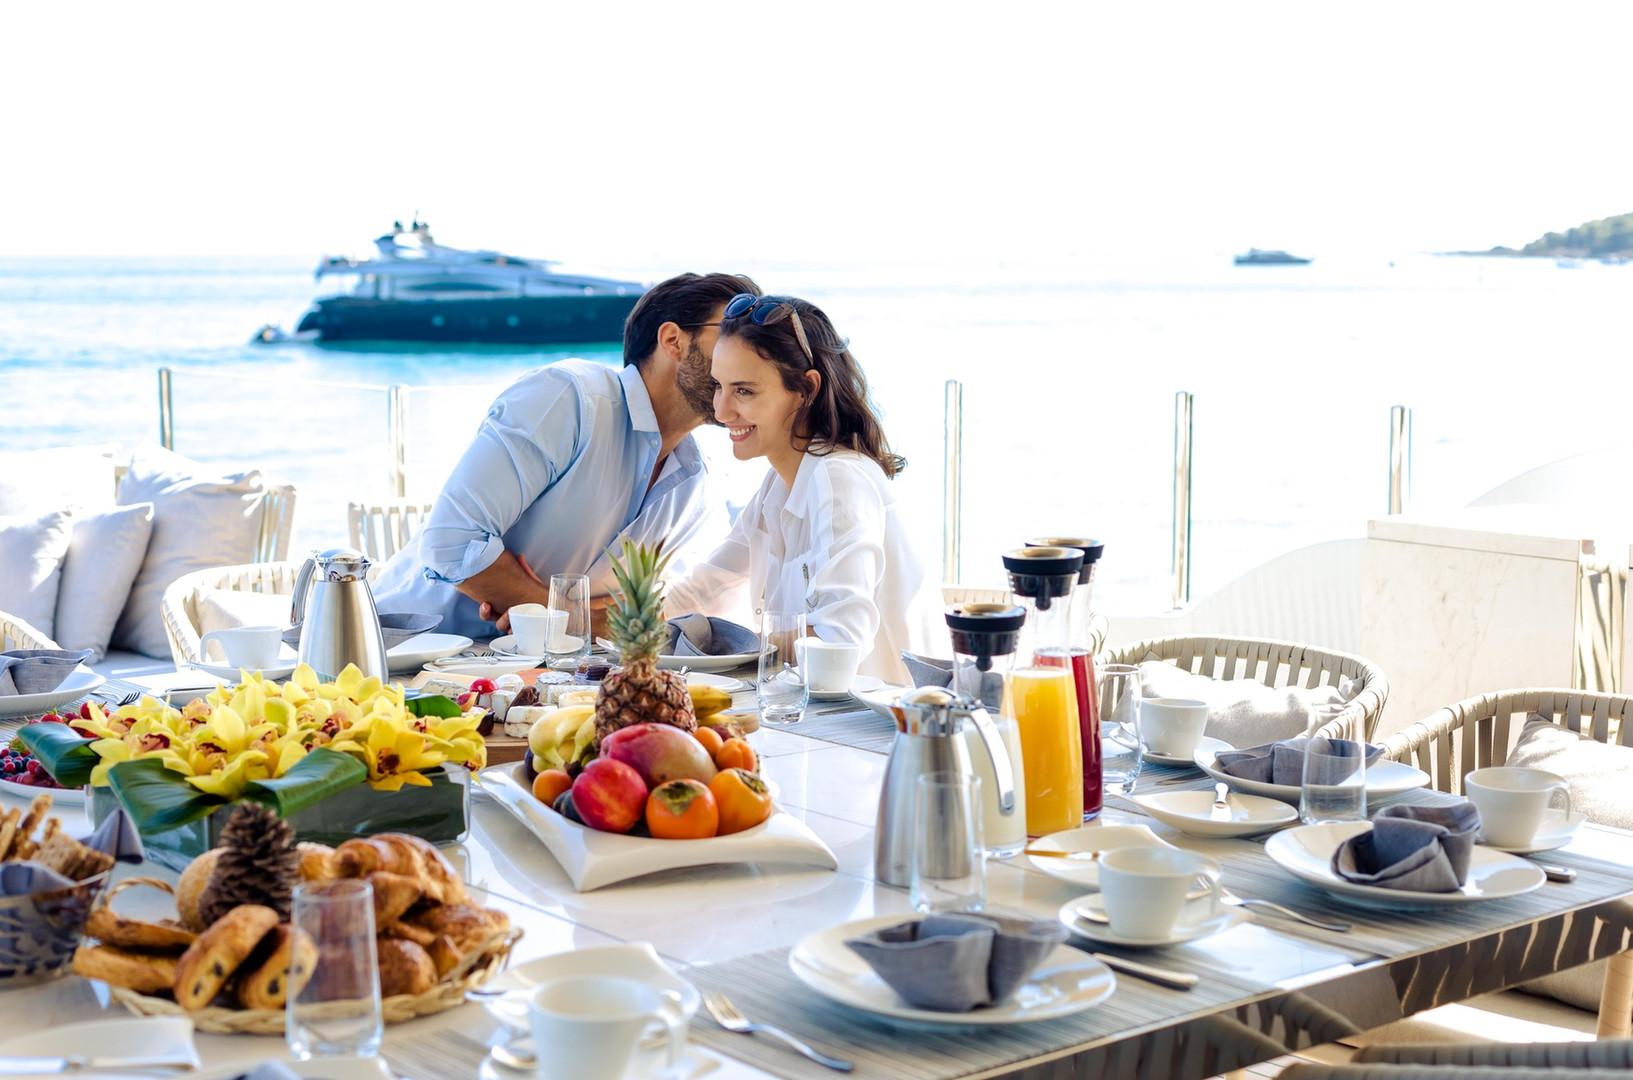 Al fresco breakfast on a mega yacht charter